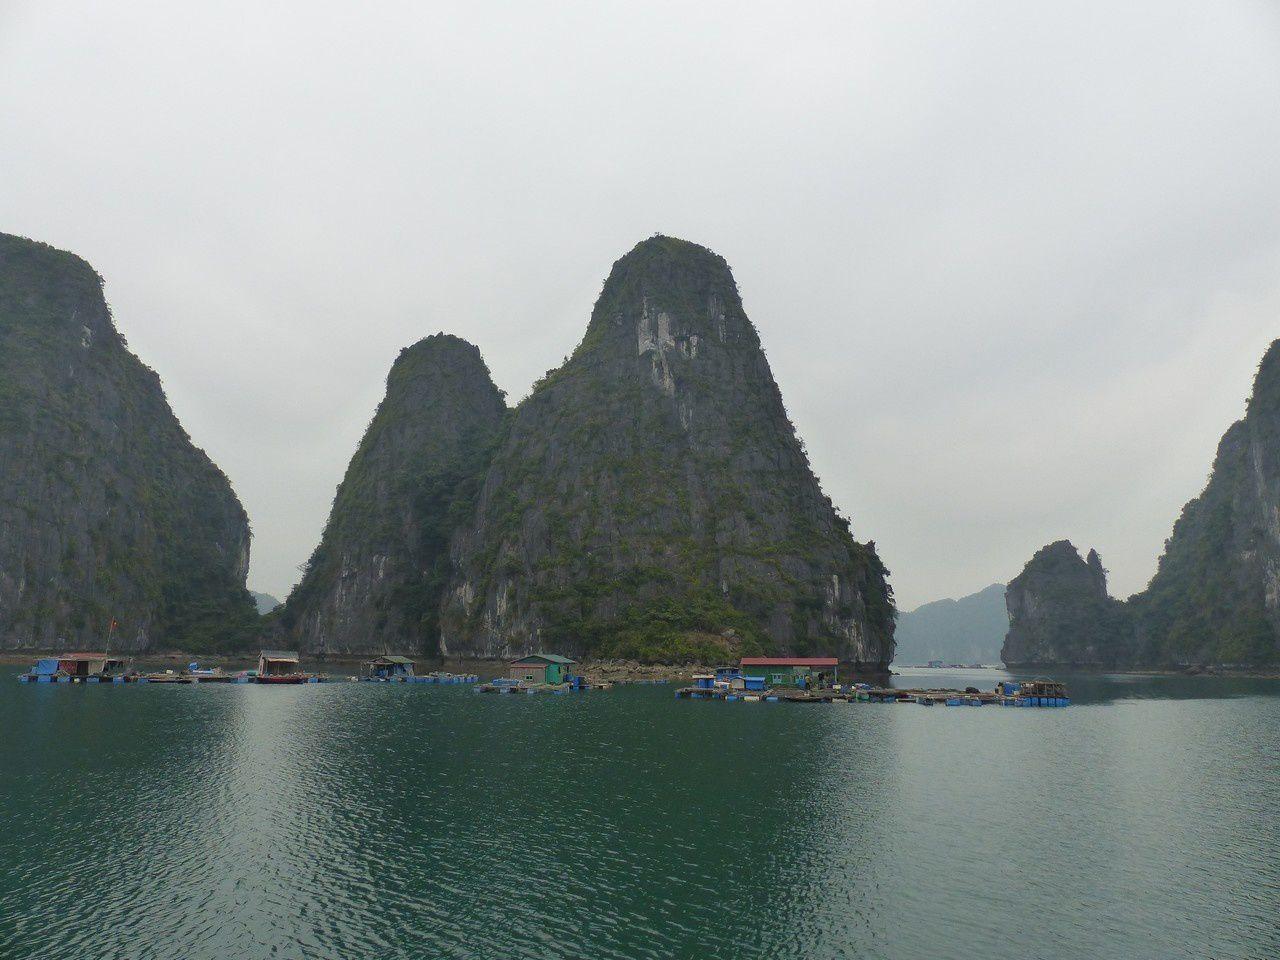 La baie d'Halong…ou plutôt la baie de Lan Ha